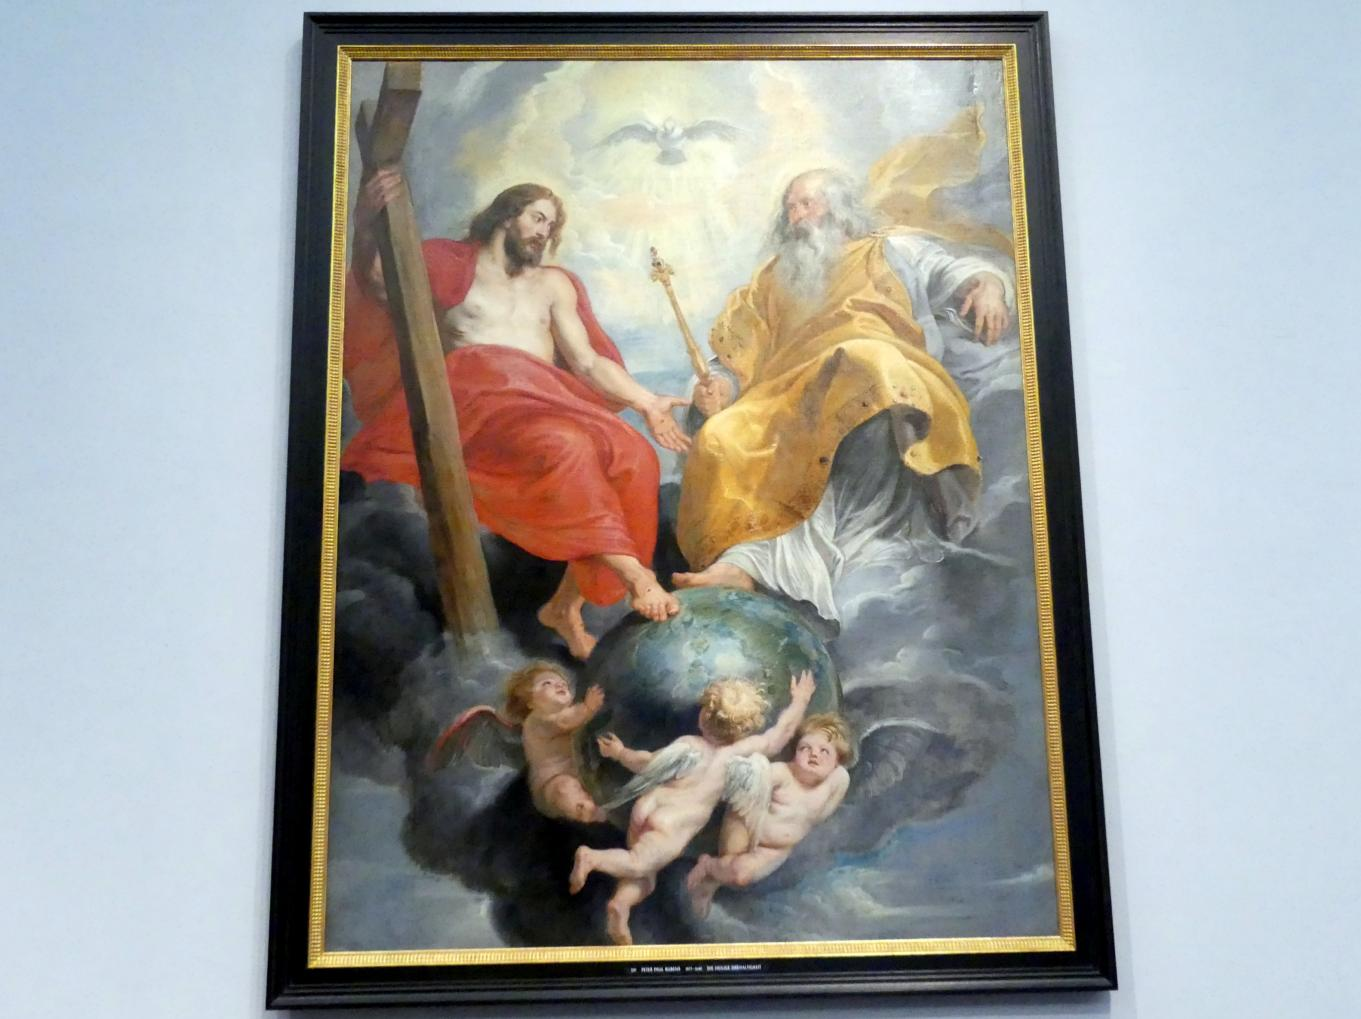 Peter Paul Rubens (Werkstatt): Die Heilige Dreifaltigkeit, 1620 - 1625